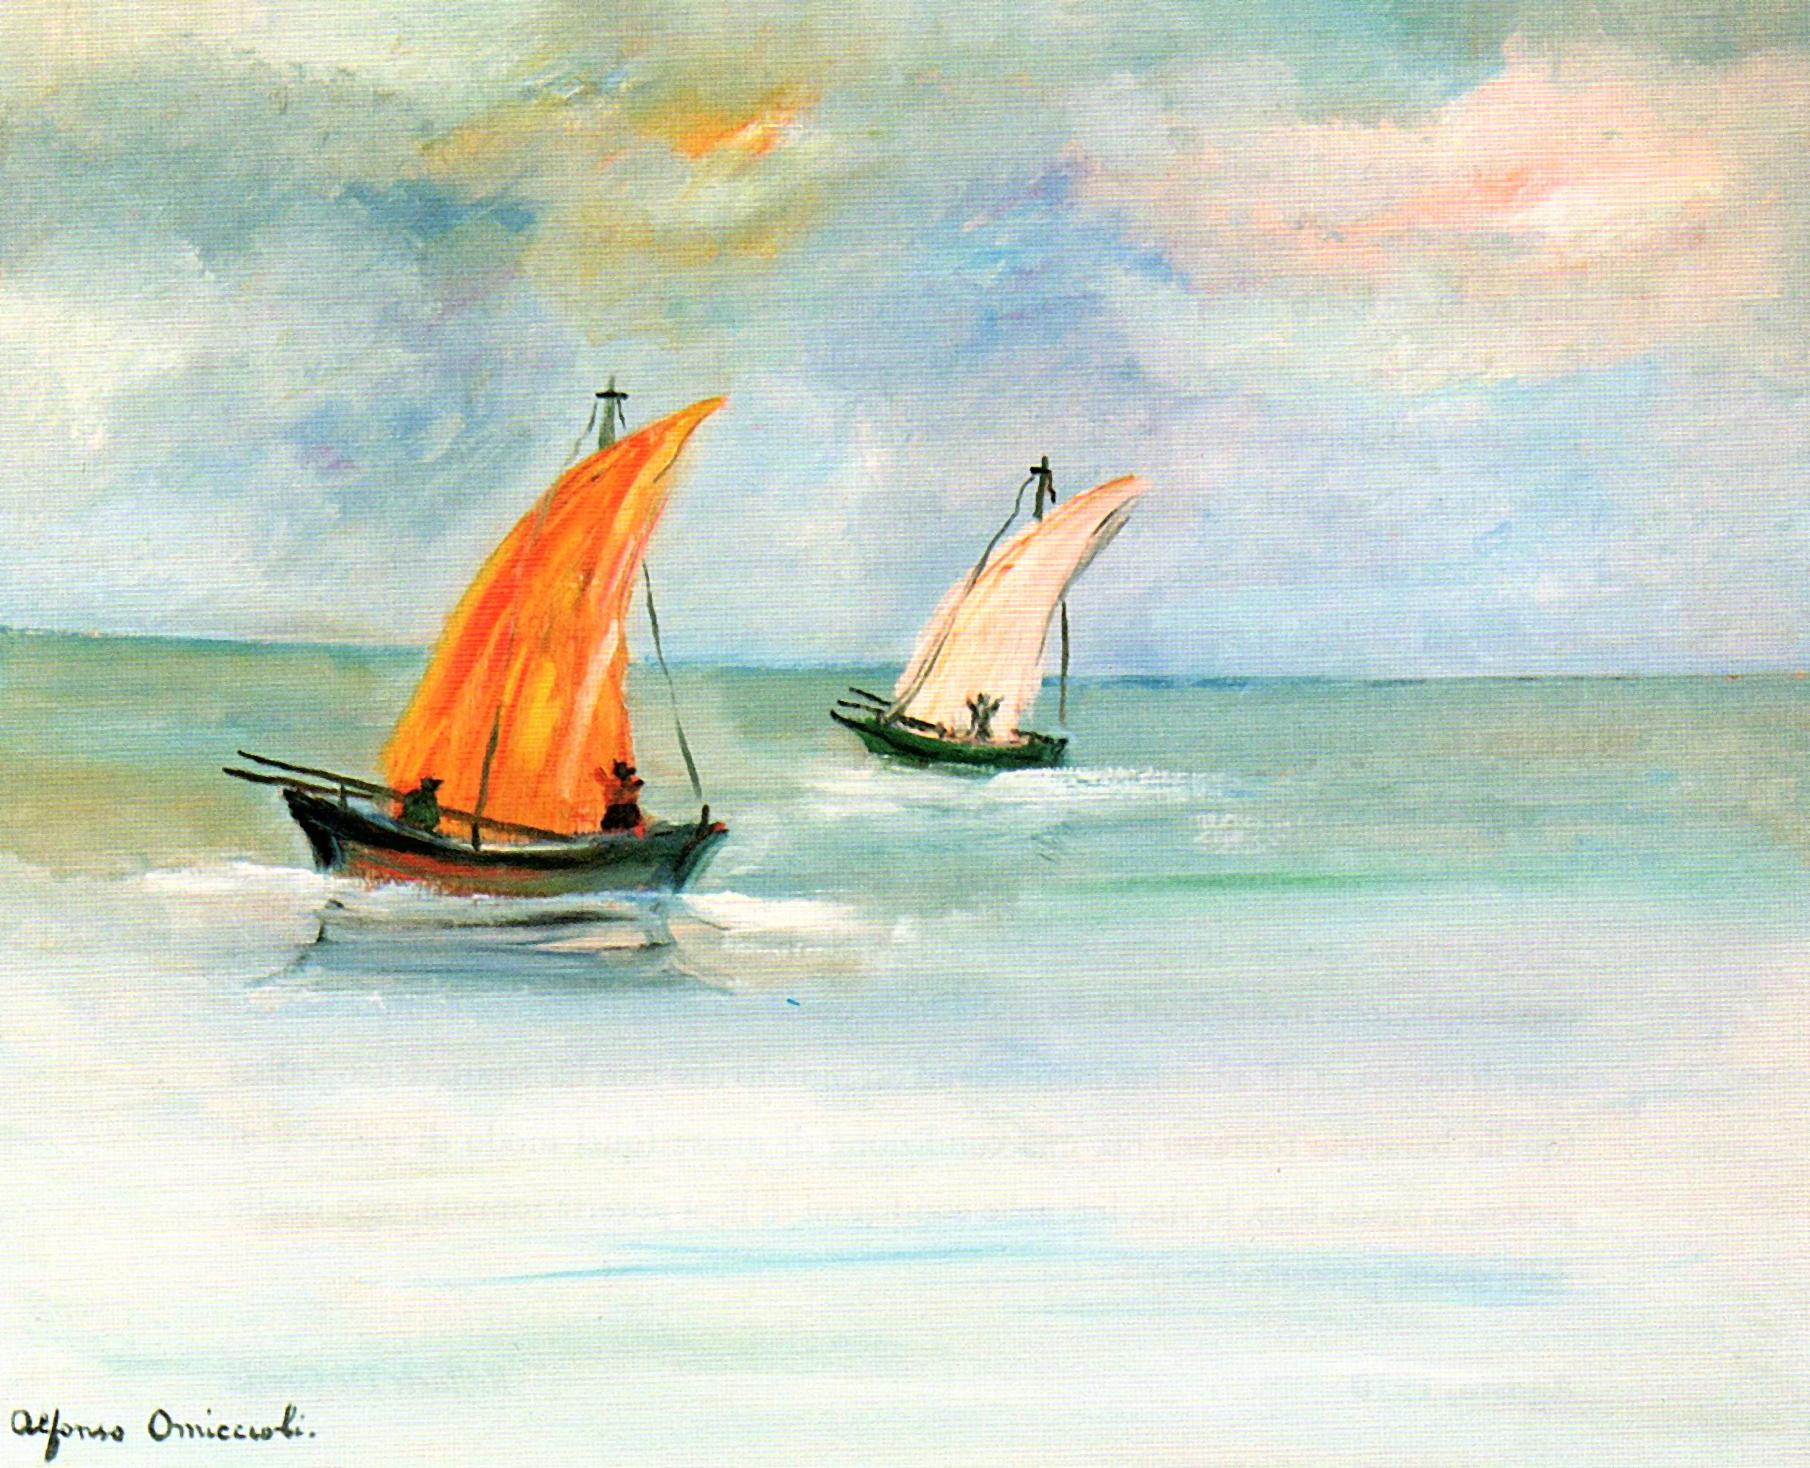 Ritratto dei pescatori, 1974